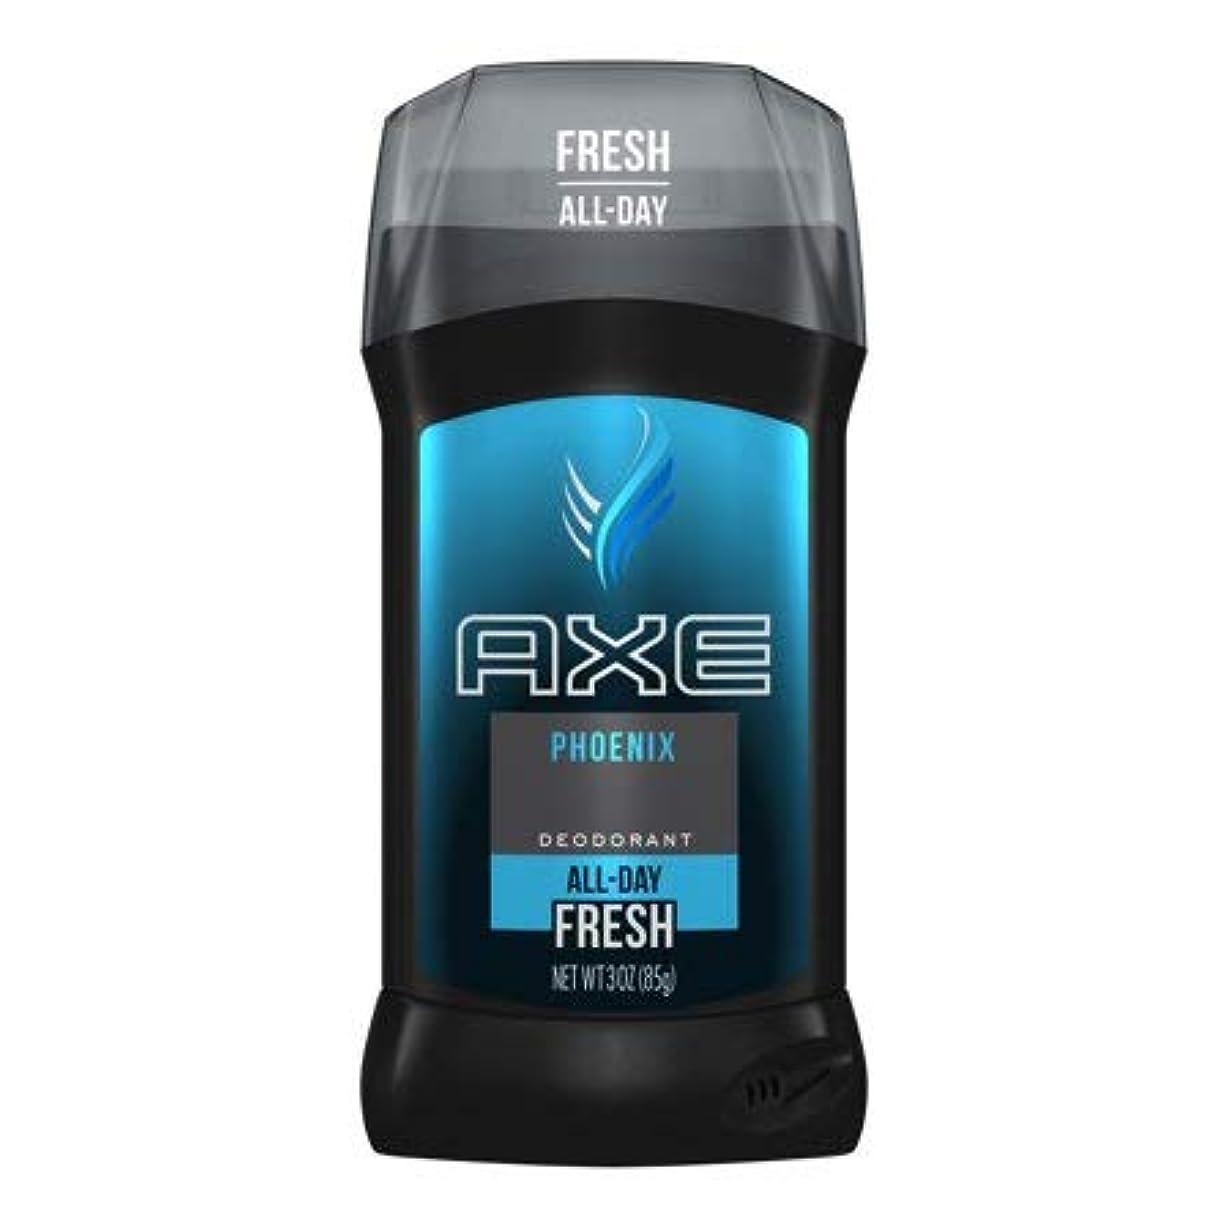 バンジージャンプクレジットトンAXE Phoenix Deodorant Stick Fresh 3 oz アクセ フェニックス フレッシュ デオドラント 海外直送品 [並行輸入品]